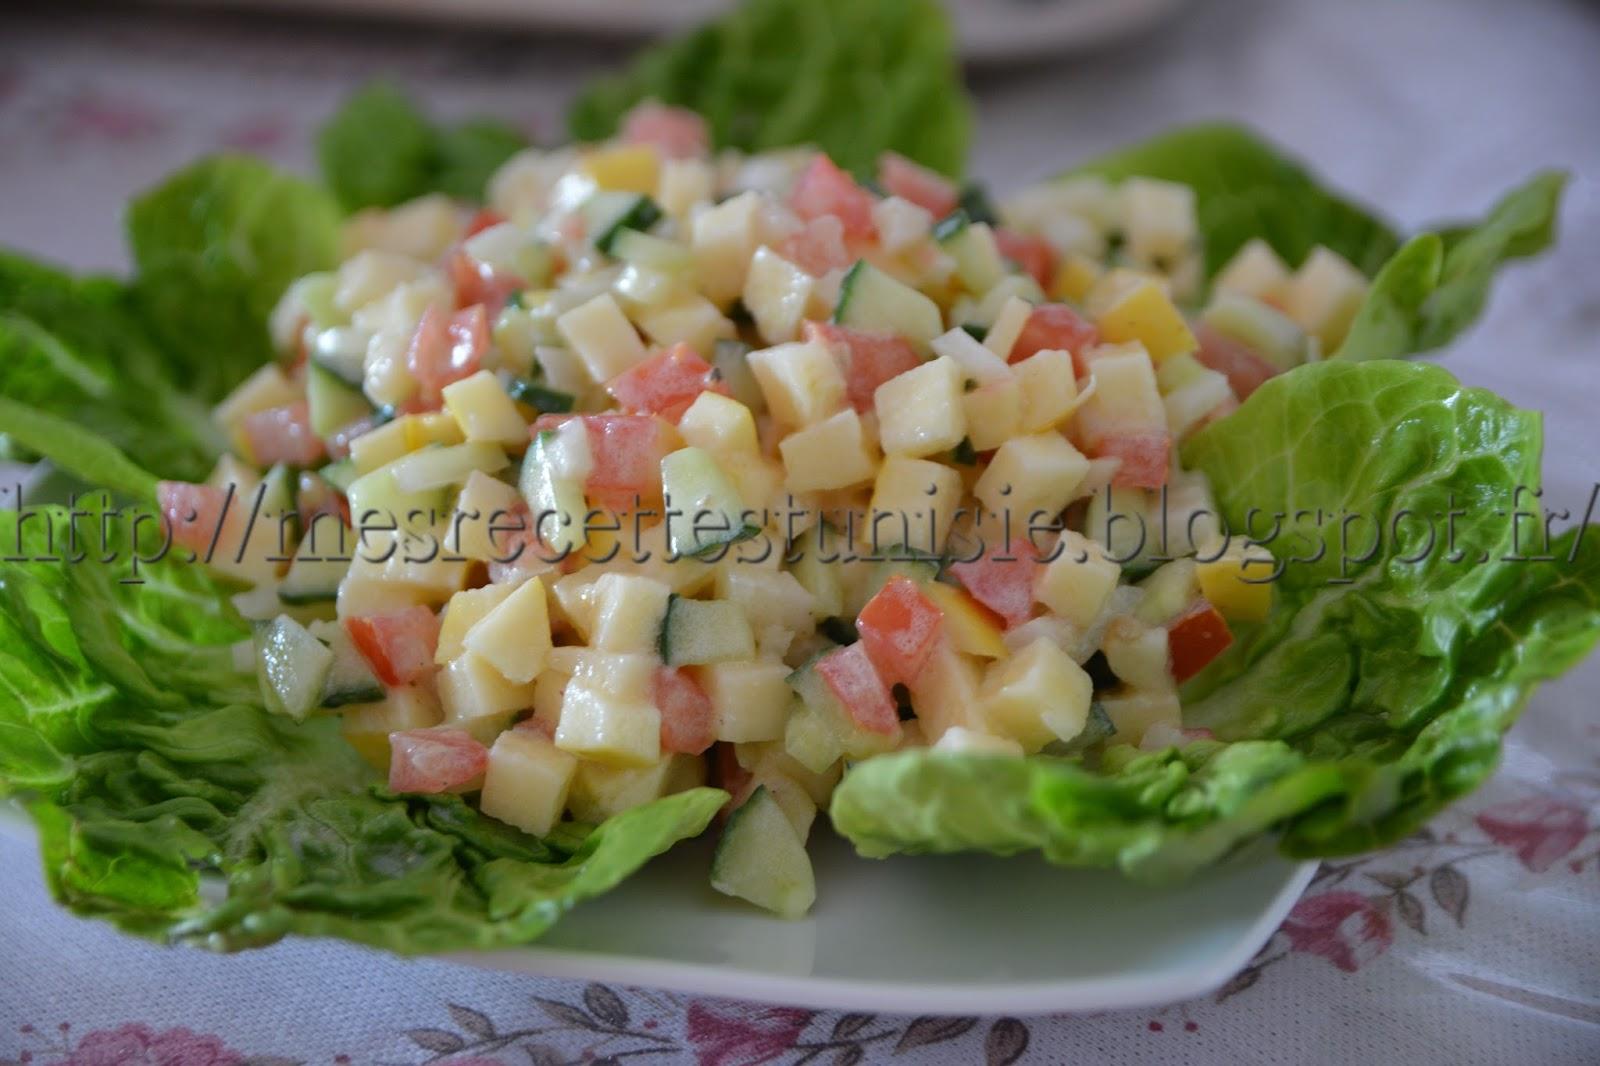 Recettes tunisiennes jiji salade tunisienne aux pommes - Recette de cuisine tunisienne facile et rapide en arabe ...